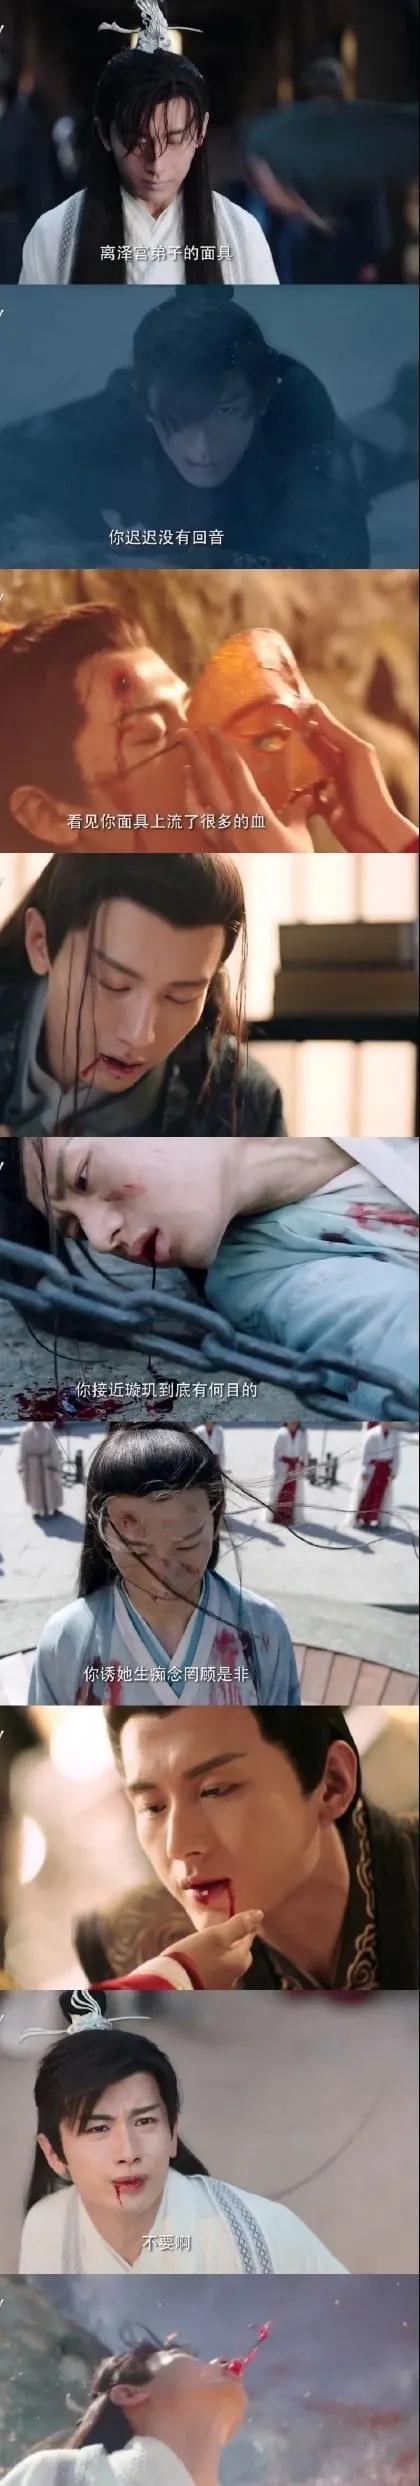 《琉璃》司凤璇玑十生十世虐恋,媳妇虐我千百遍,媳妇永远是初恋